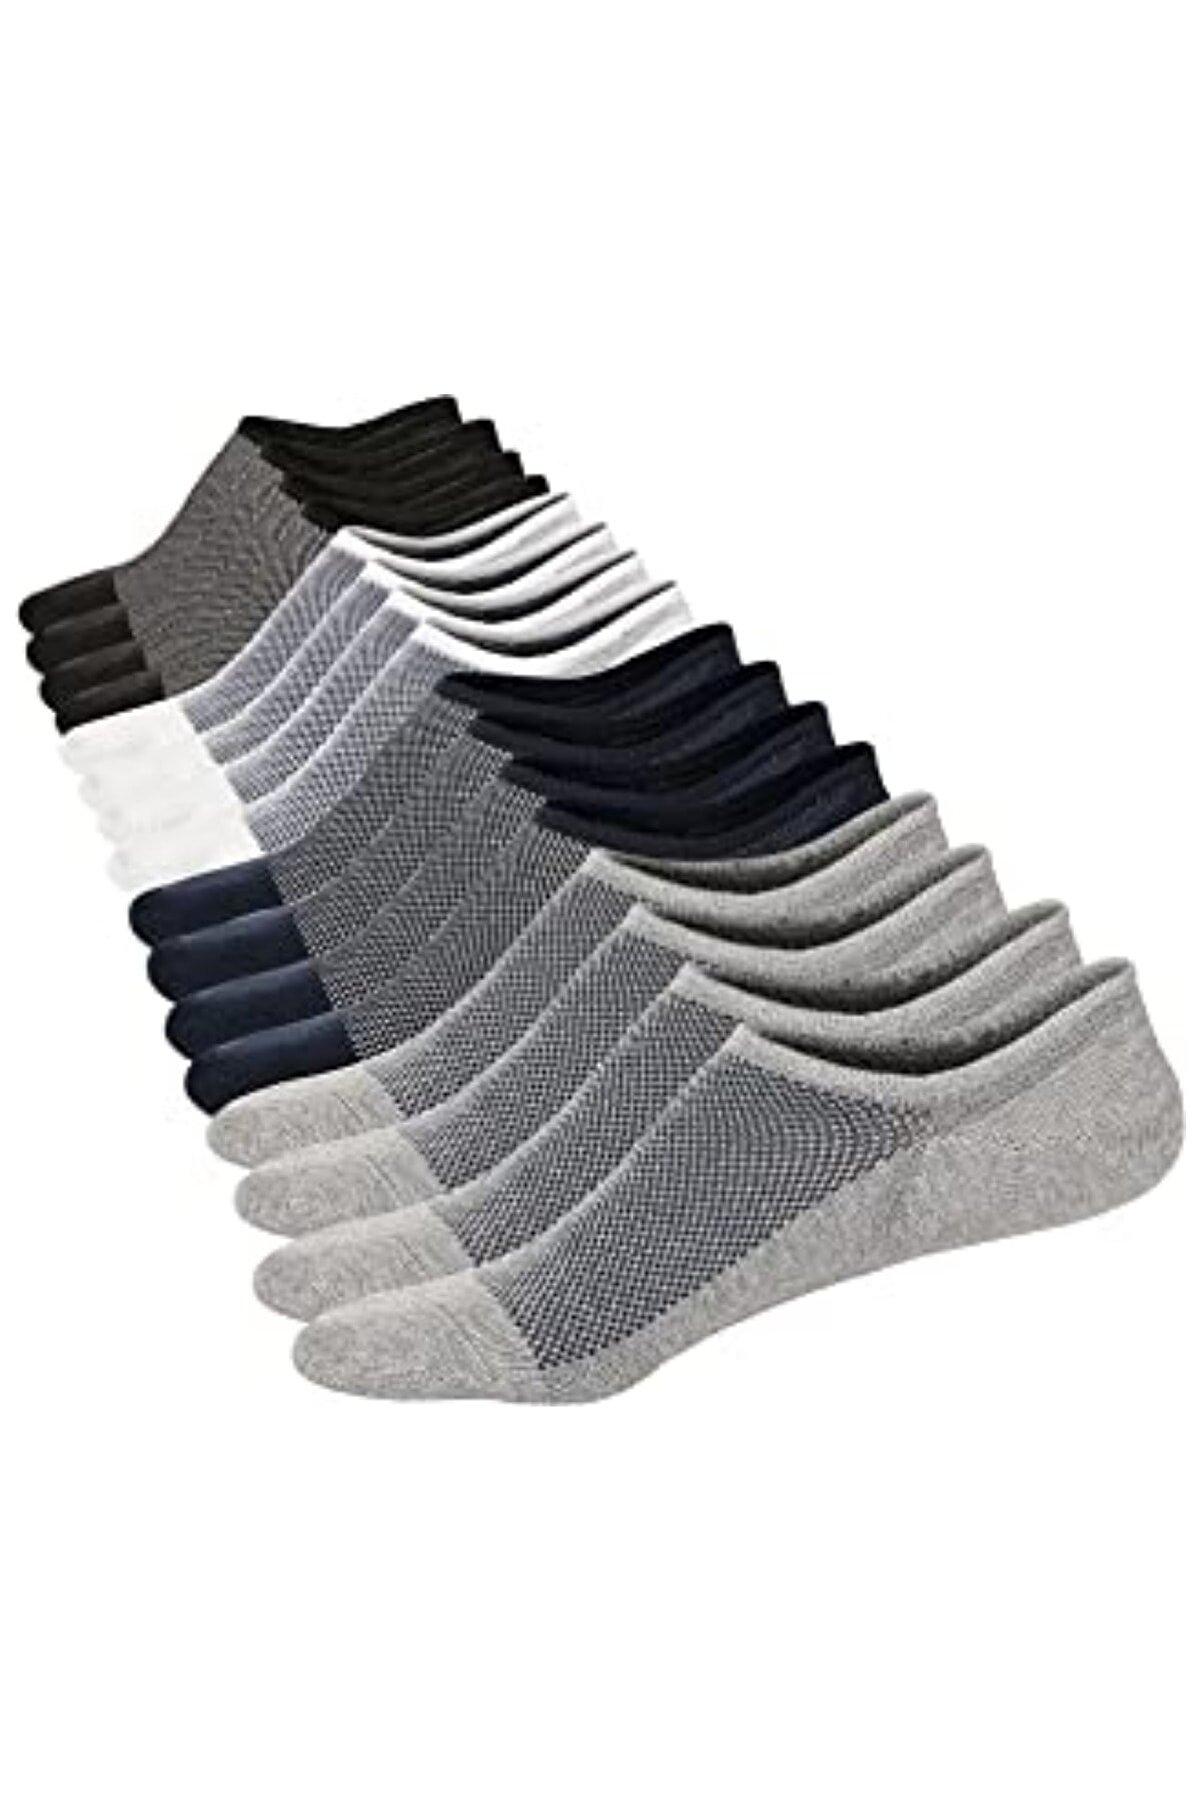 socksbox Erkek 12 Li Görünmez Dikişsiz Çorap